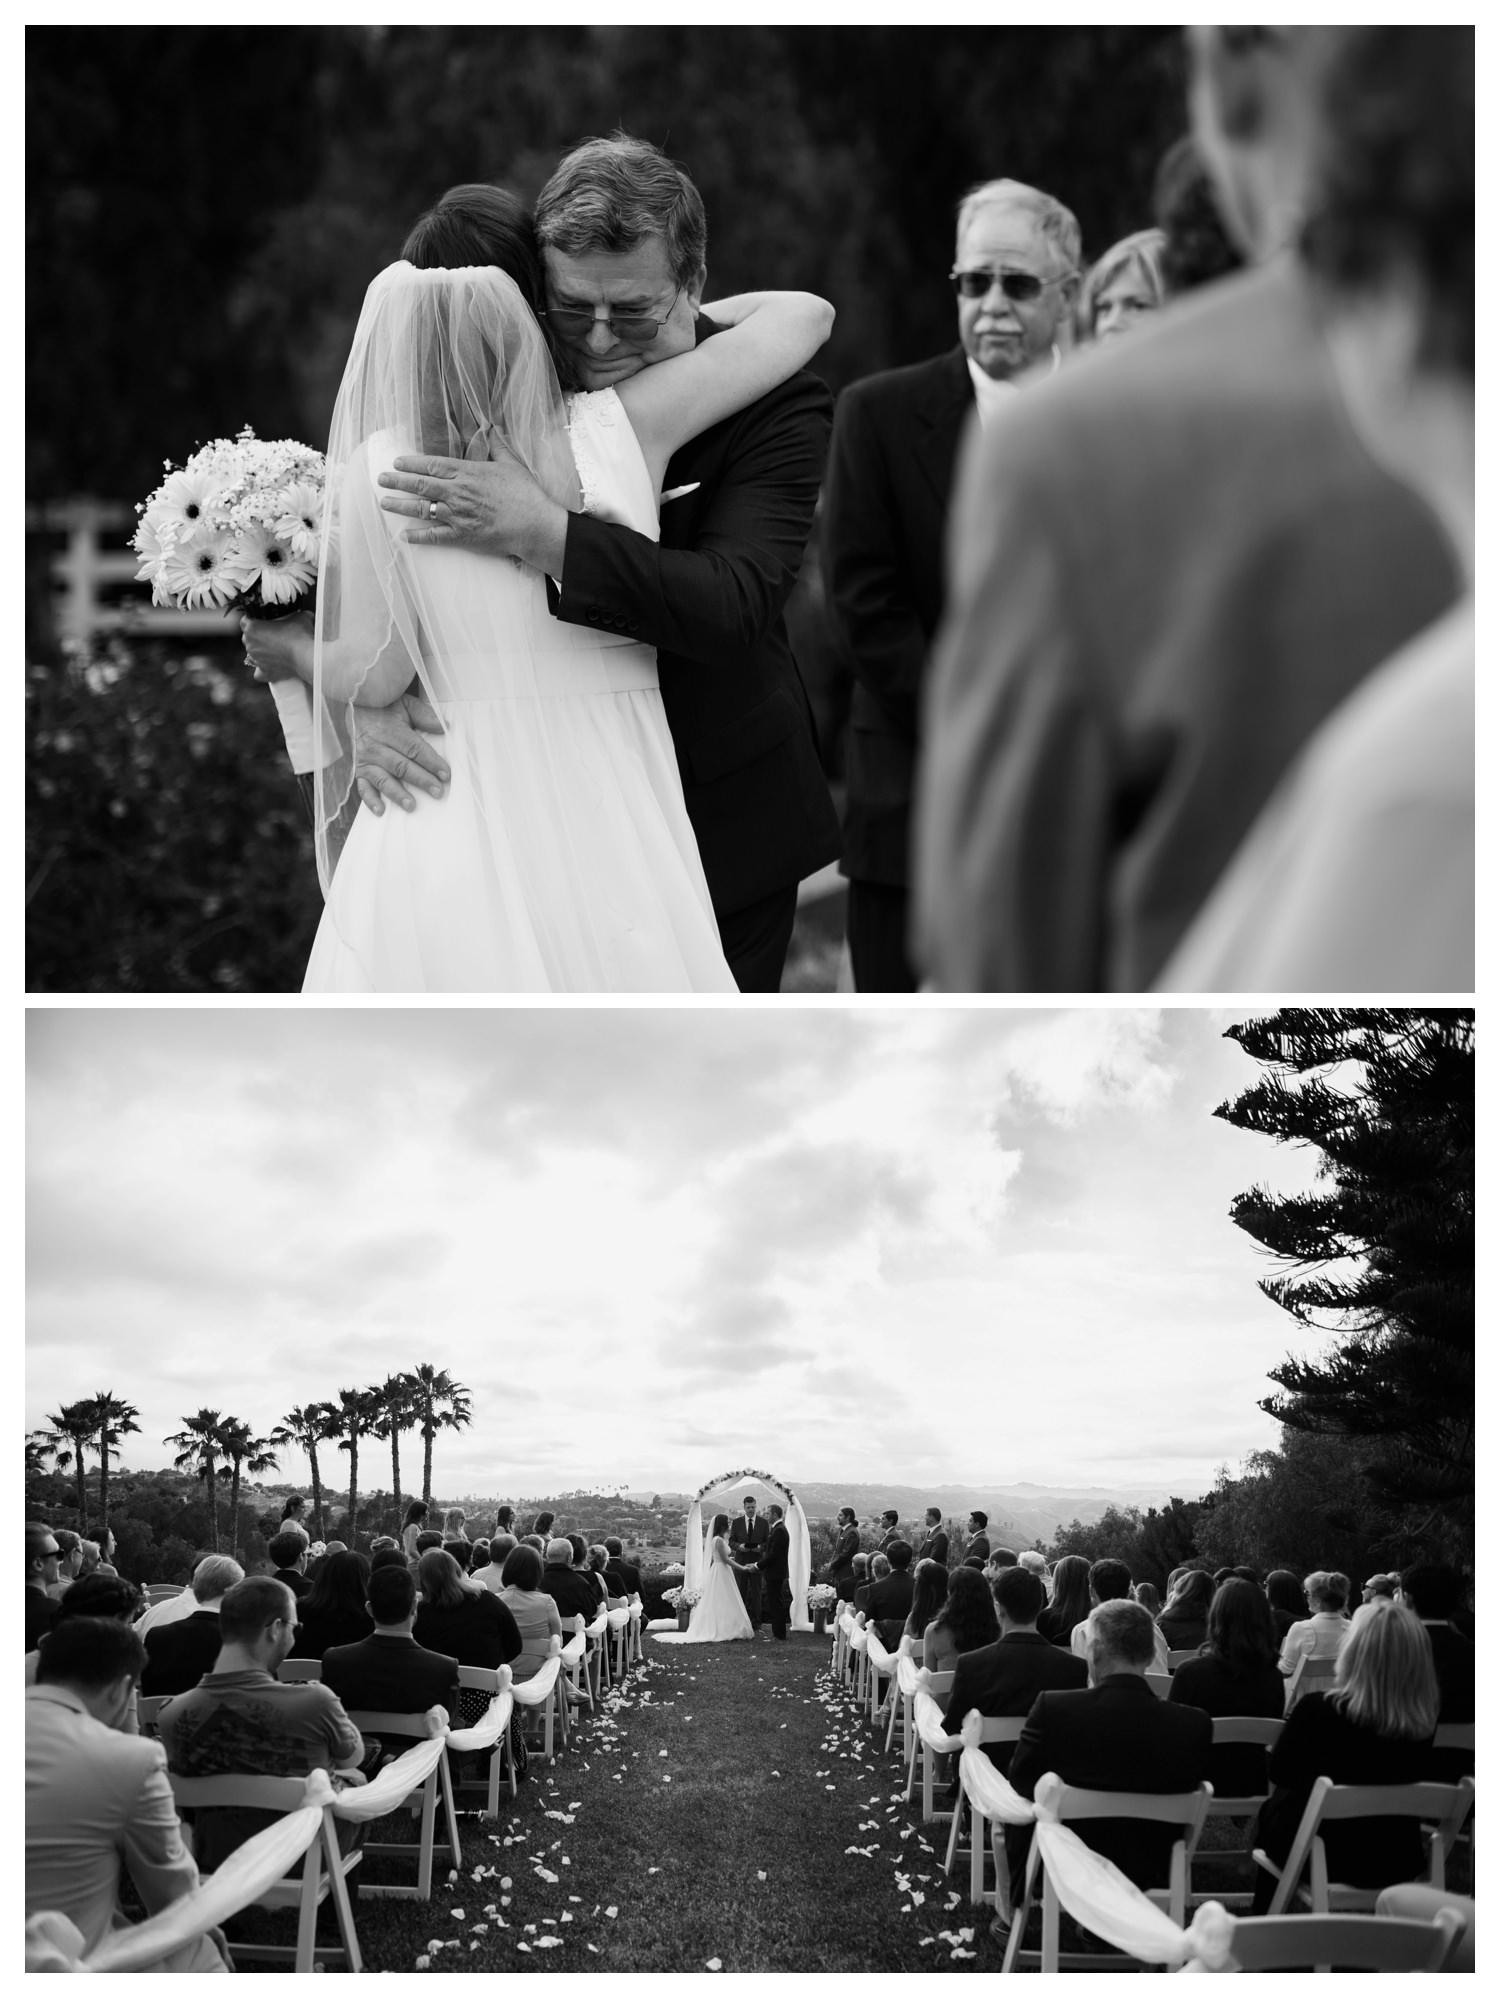 TheSinglers_WeddingPhotography_FallbrookWedding_0130.jpg